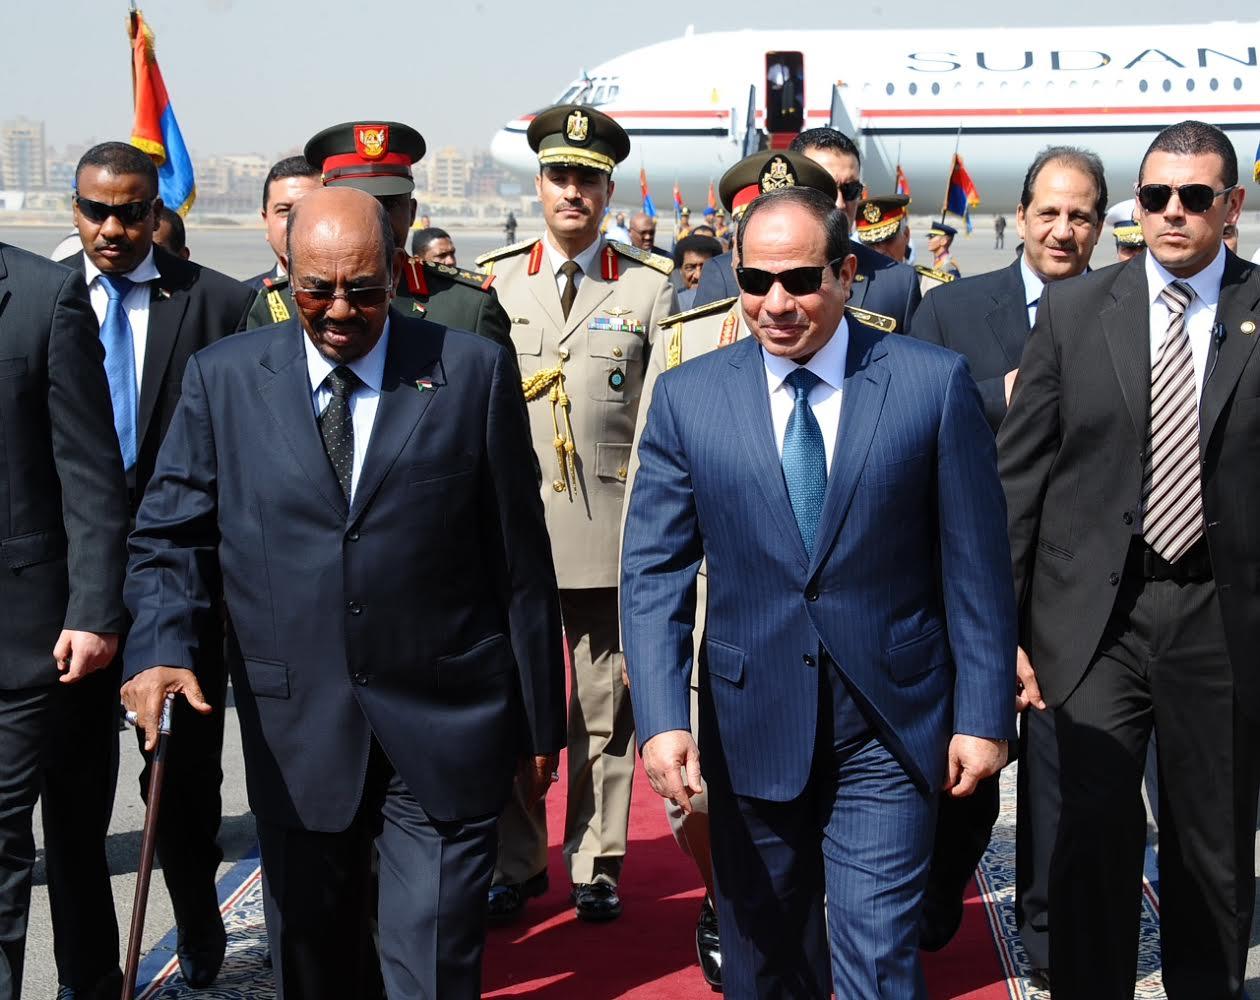 السودان تشتكي مصر في مجلس الأمن.. فهل تلجأ إلى التحكيم الدولي؟